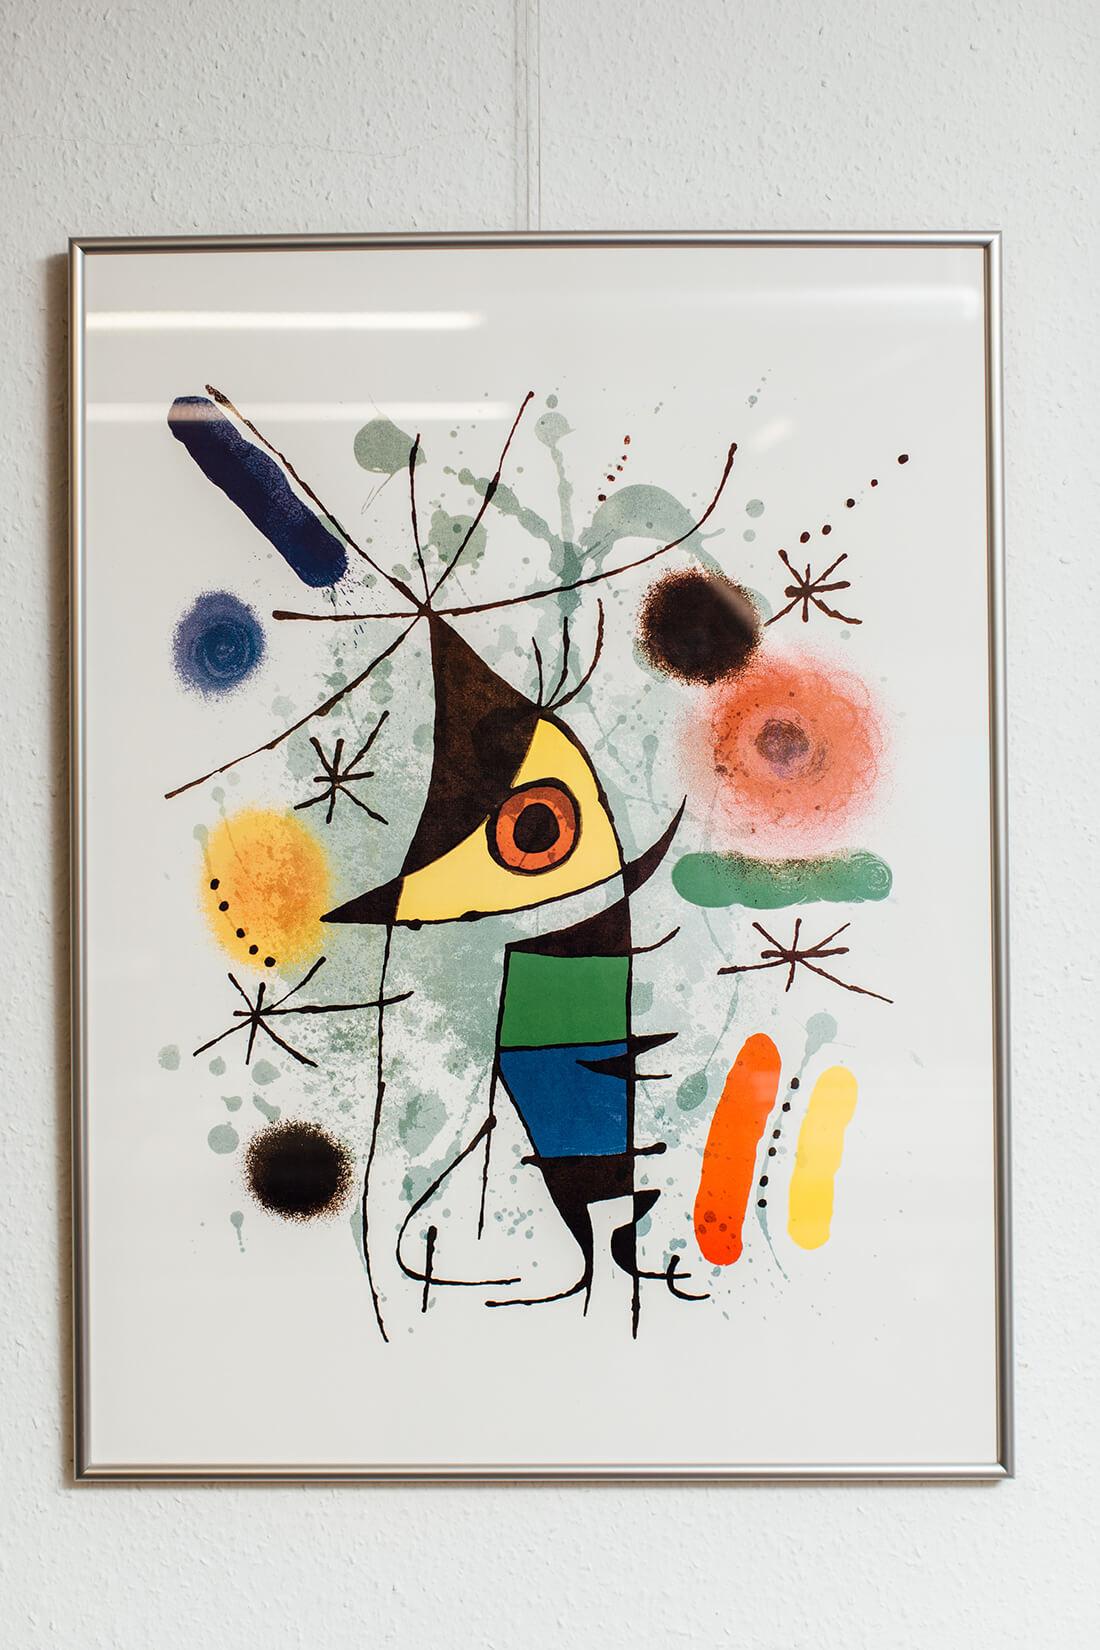 Zahnarzt Leipheim - Manuel Braun - Dekoration